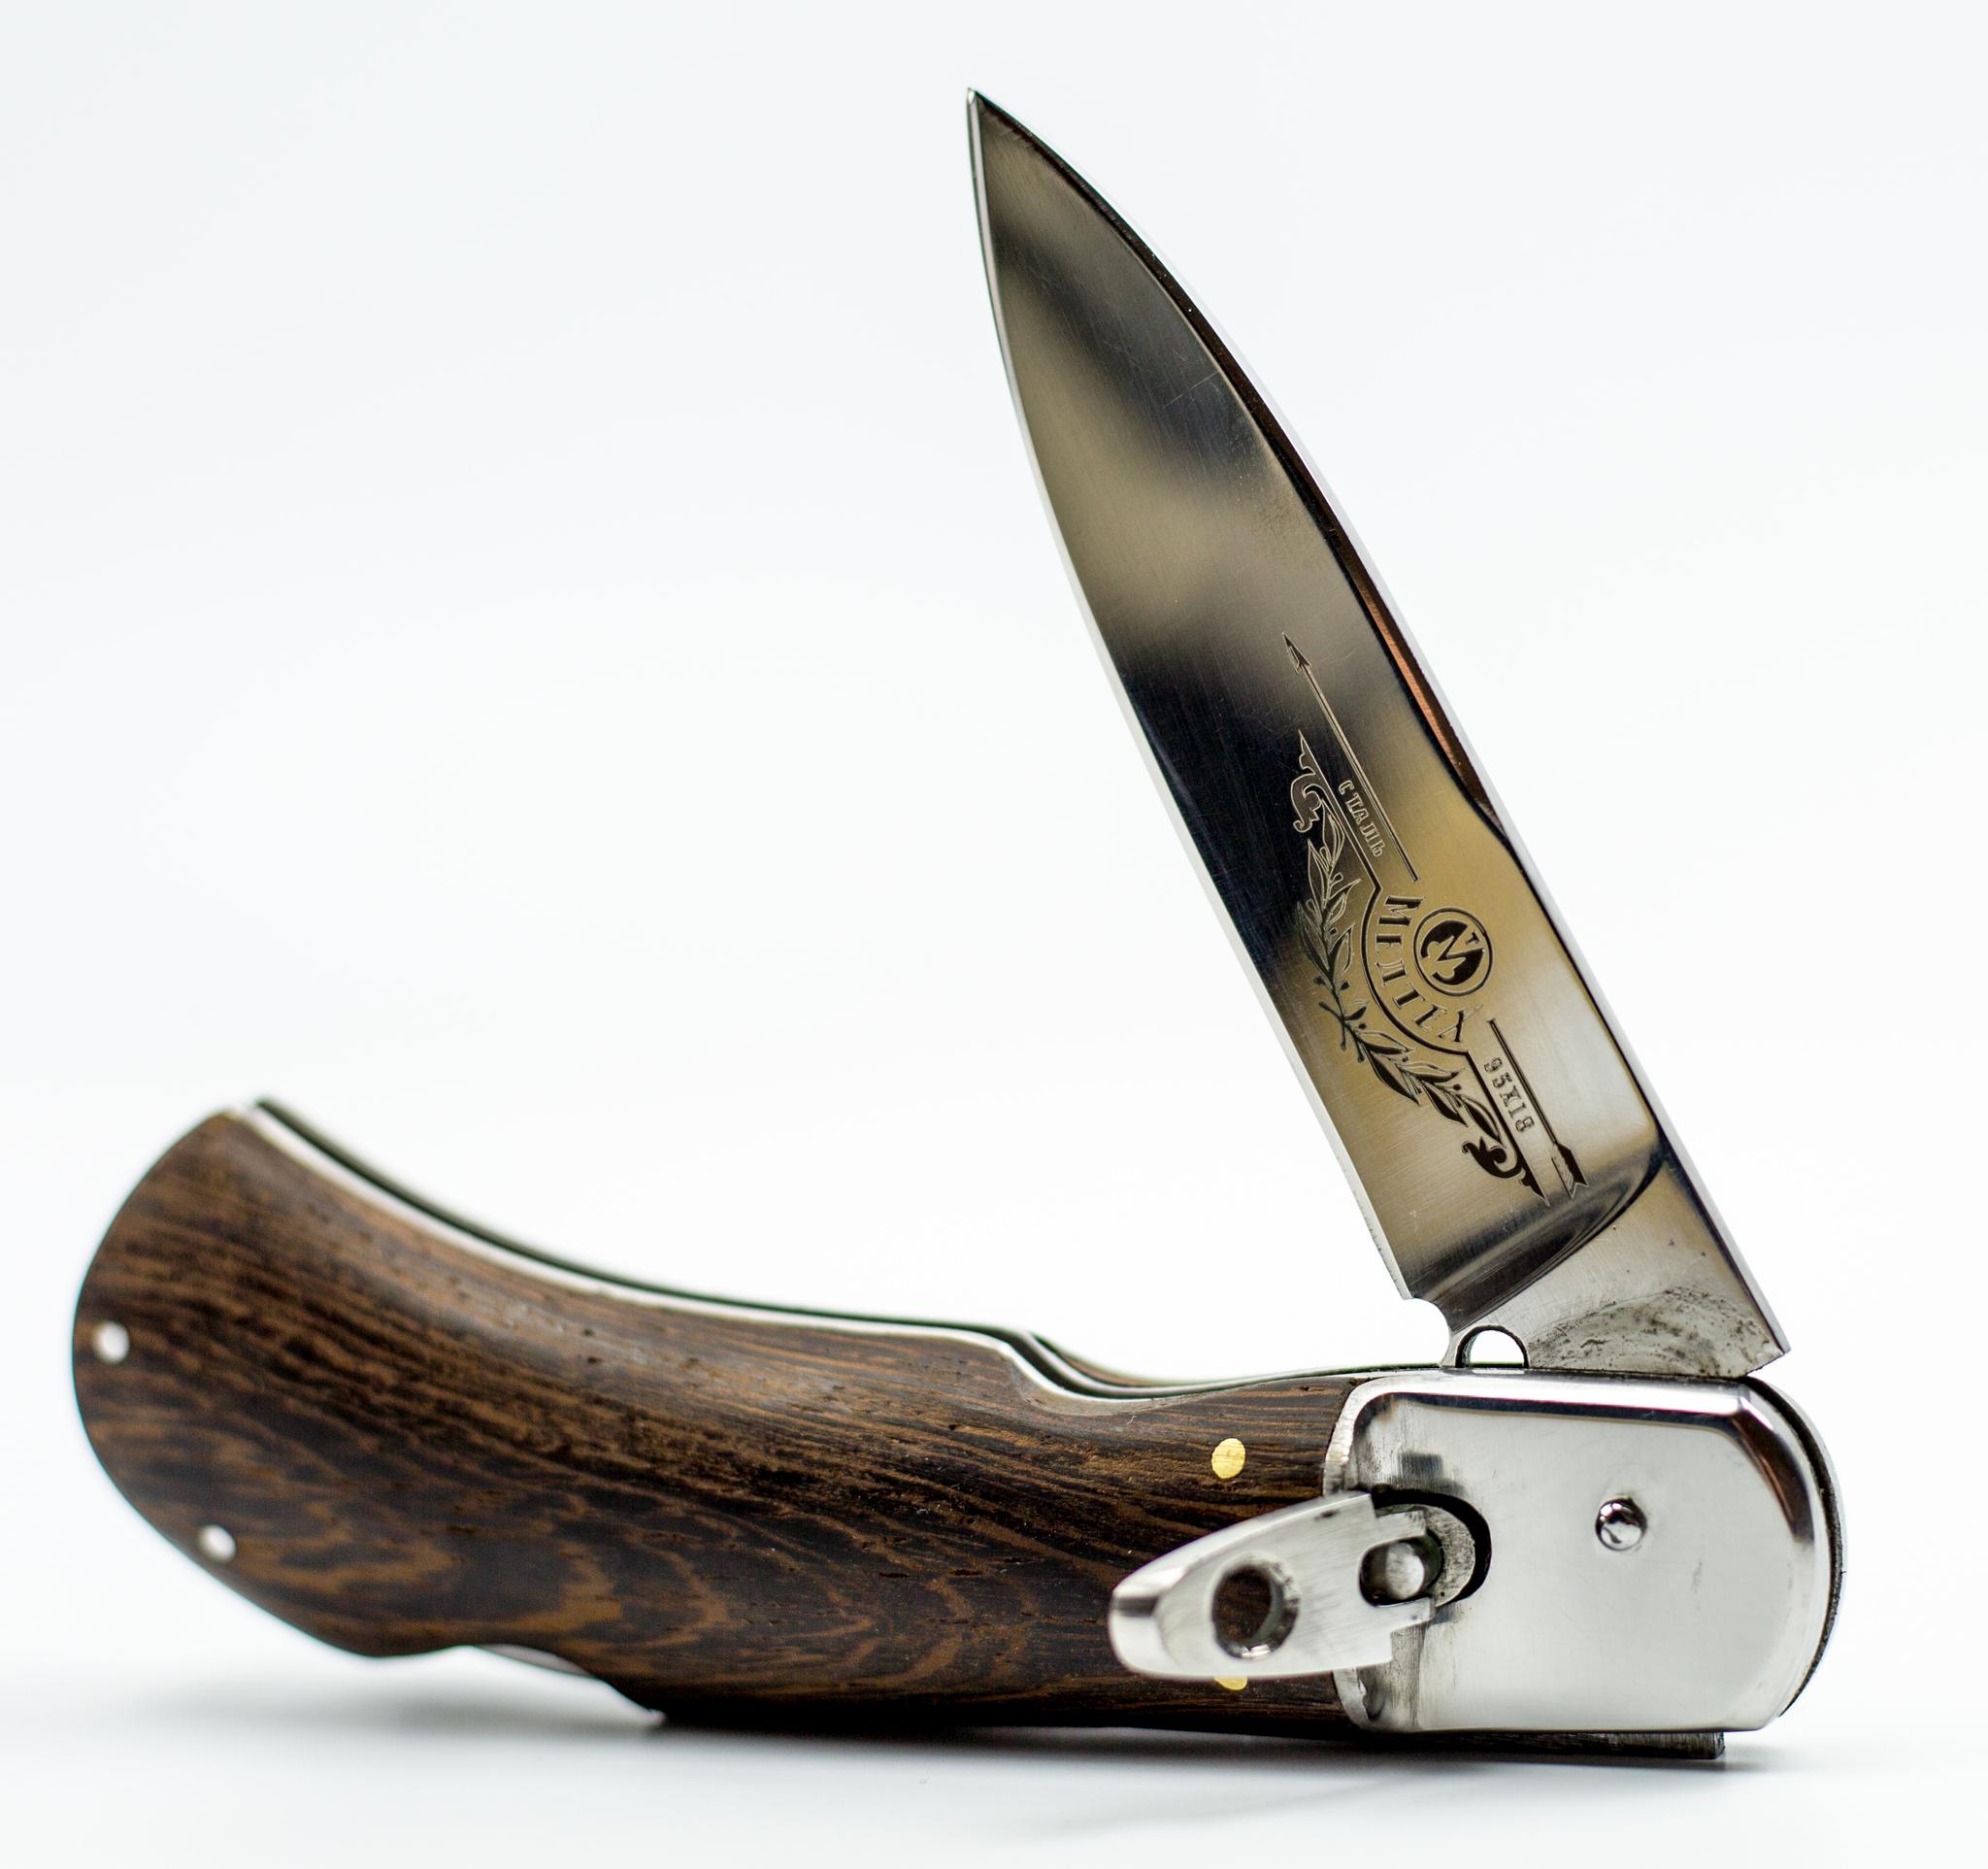 Выкидной нож СталкерНожи Ворсма<br>Ценителям ножевой классики обязательно понравится складной нож СТАЛКЕР. Эта модель возвращает нас в середину 20-го века, когда складной нож был элементом уличной культуры в криминальной среде. Эта модель оснащена механизмом автоматического выброса клинка. Чтобы нож полностью соответствовал стилистике того времени на клинке размещена стильная гравировка, а рукоять ножа выполнена из натуральной древесины с красивым природным орнаментом. Нож имеет компактные размеры и небольшой вес и вполне подходит для ежедневного использования в городских условиях.<br>